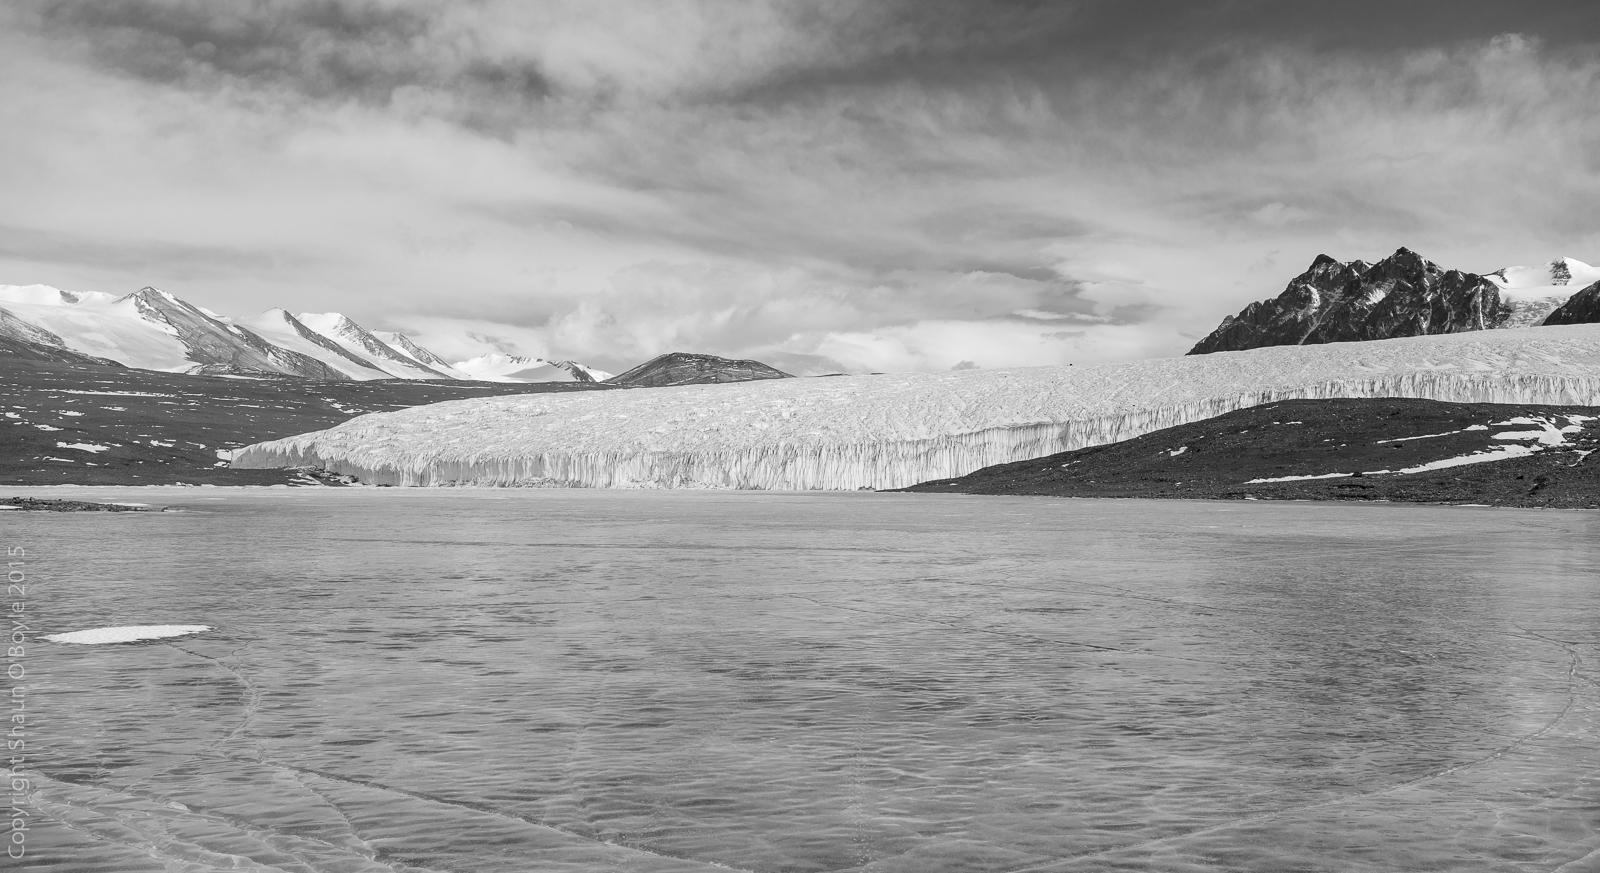 Canada Glacier and Lake Fryxell